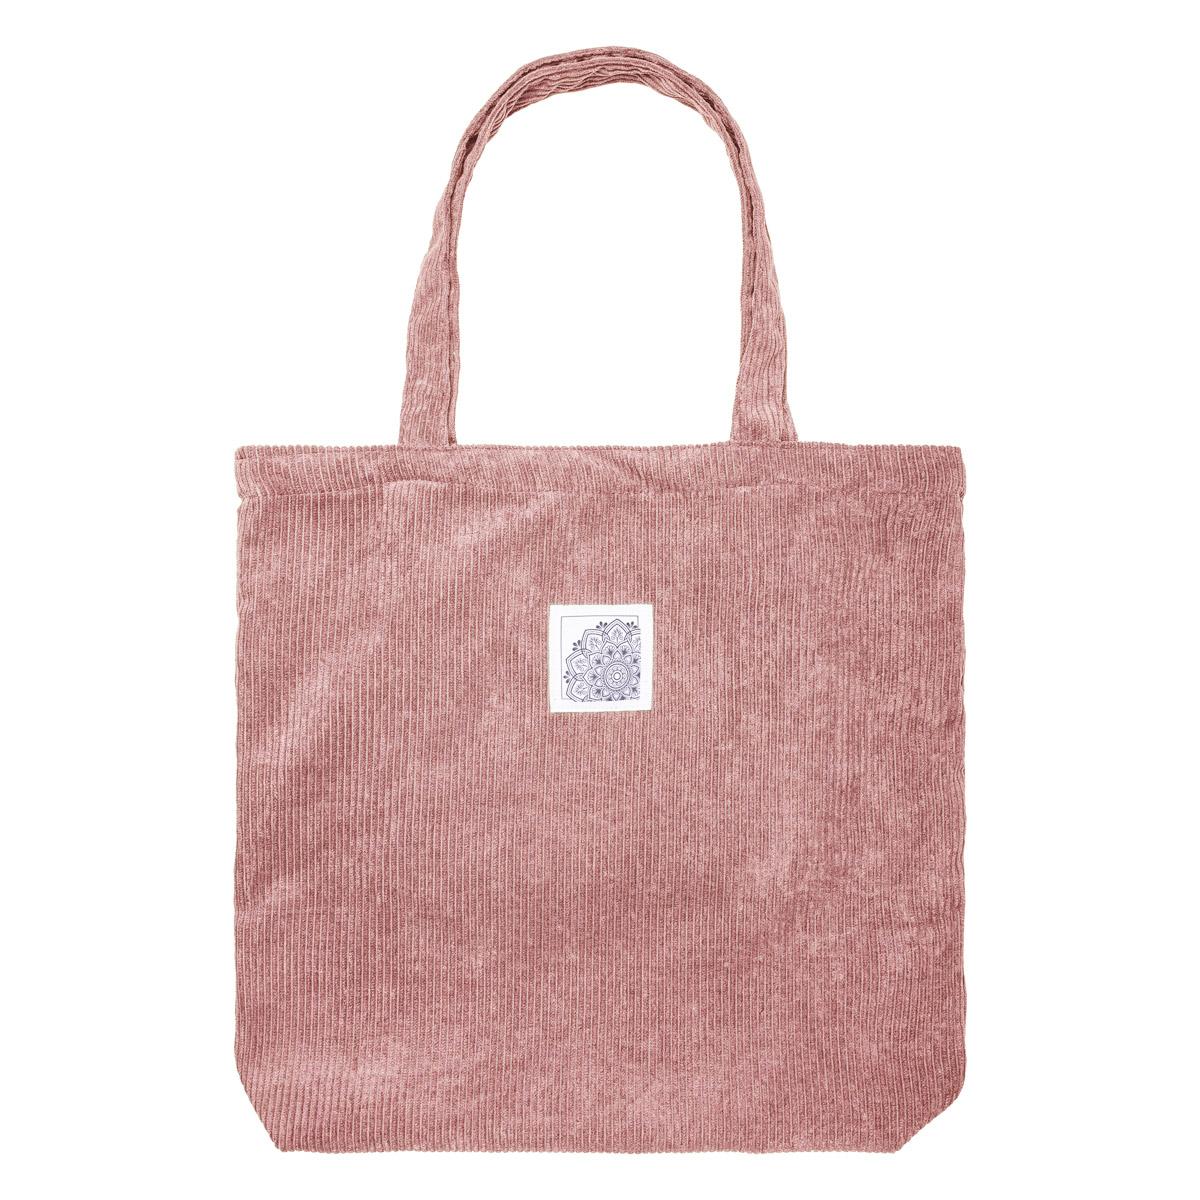 Tote Bag Corduroy